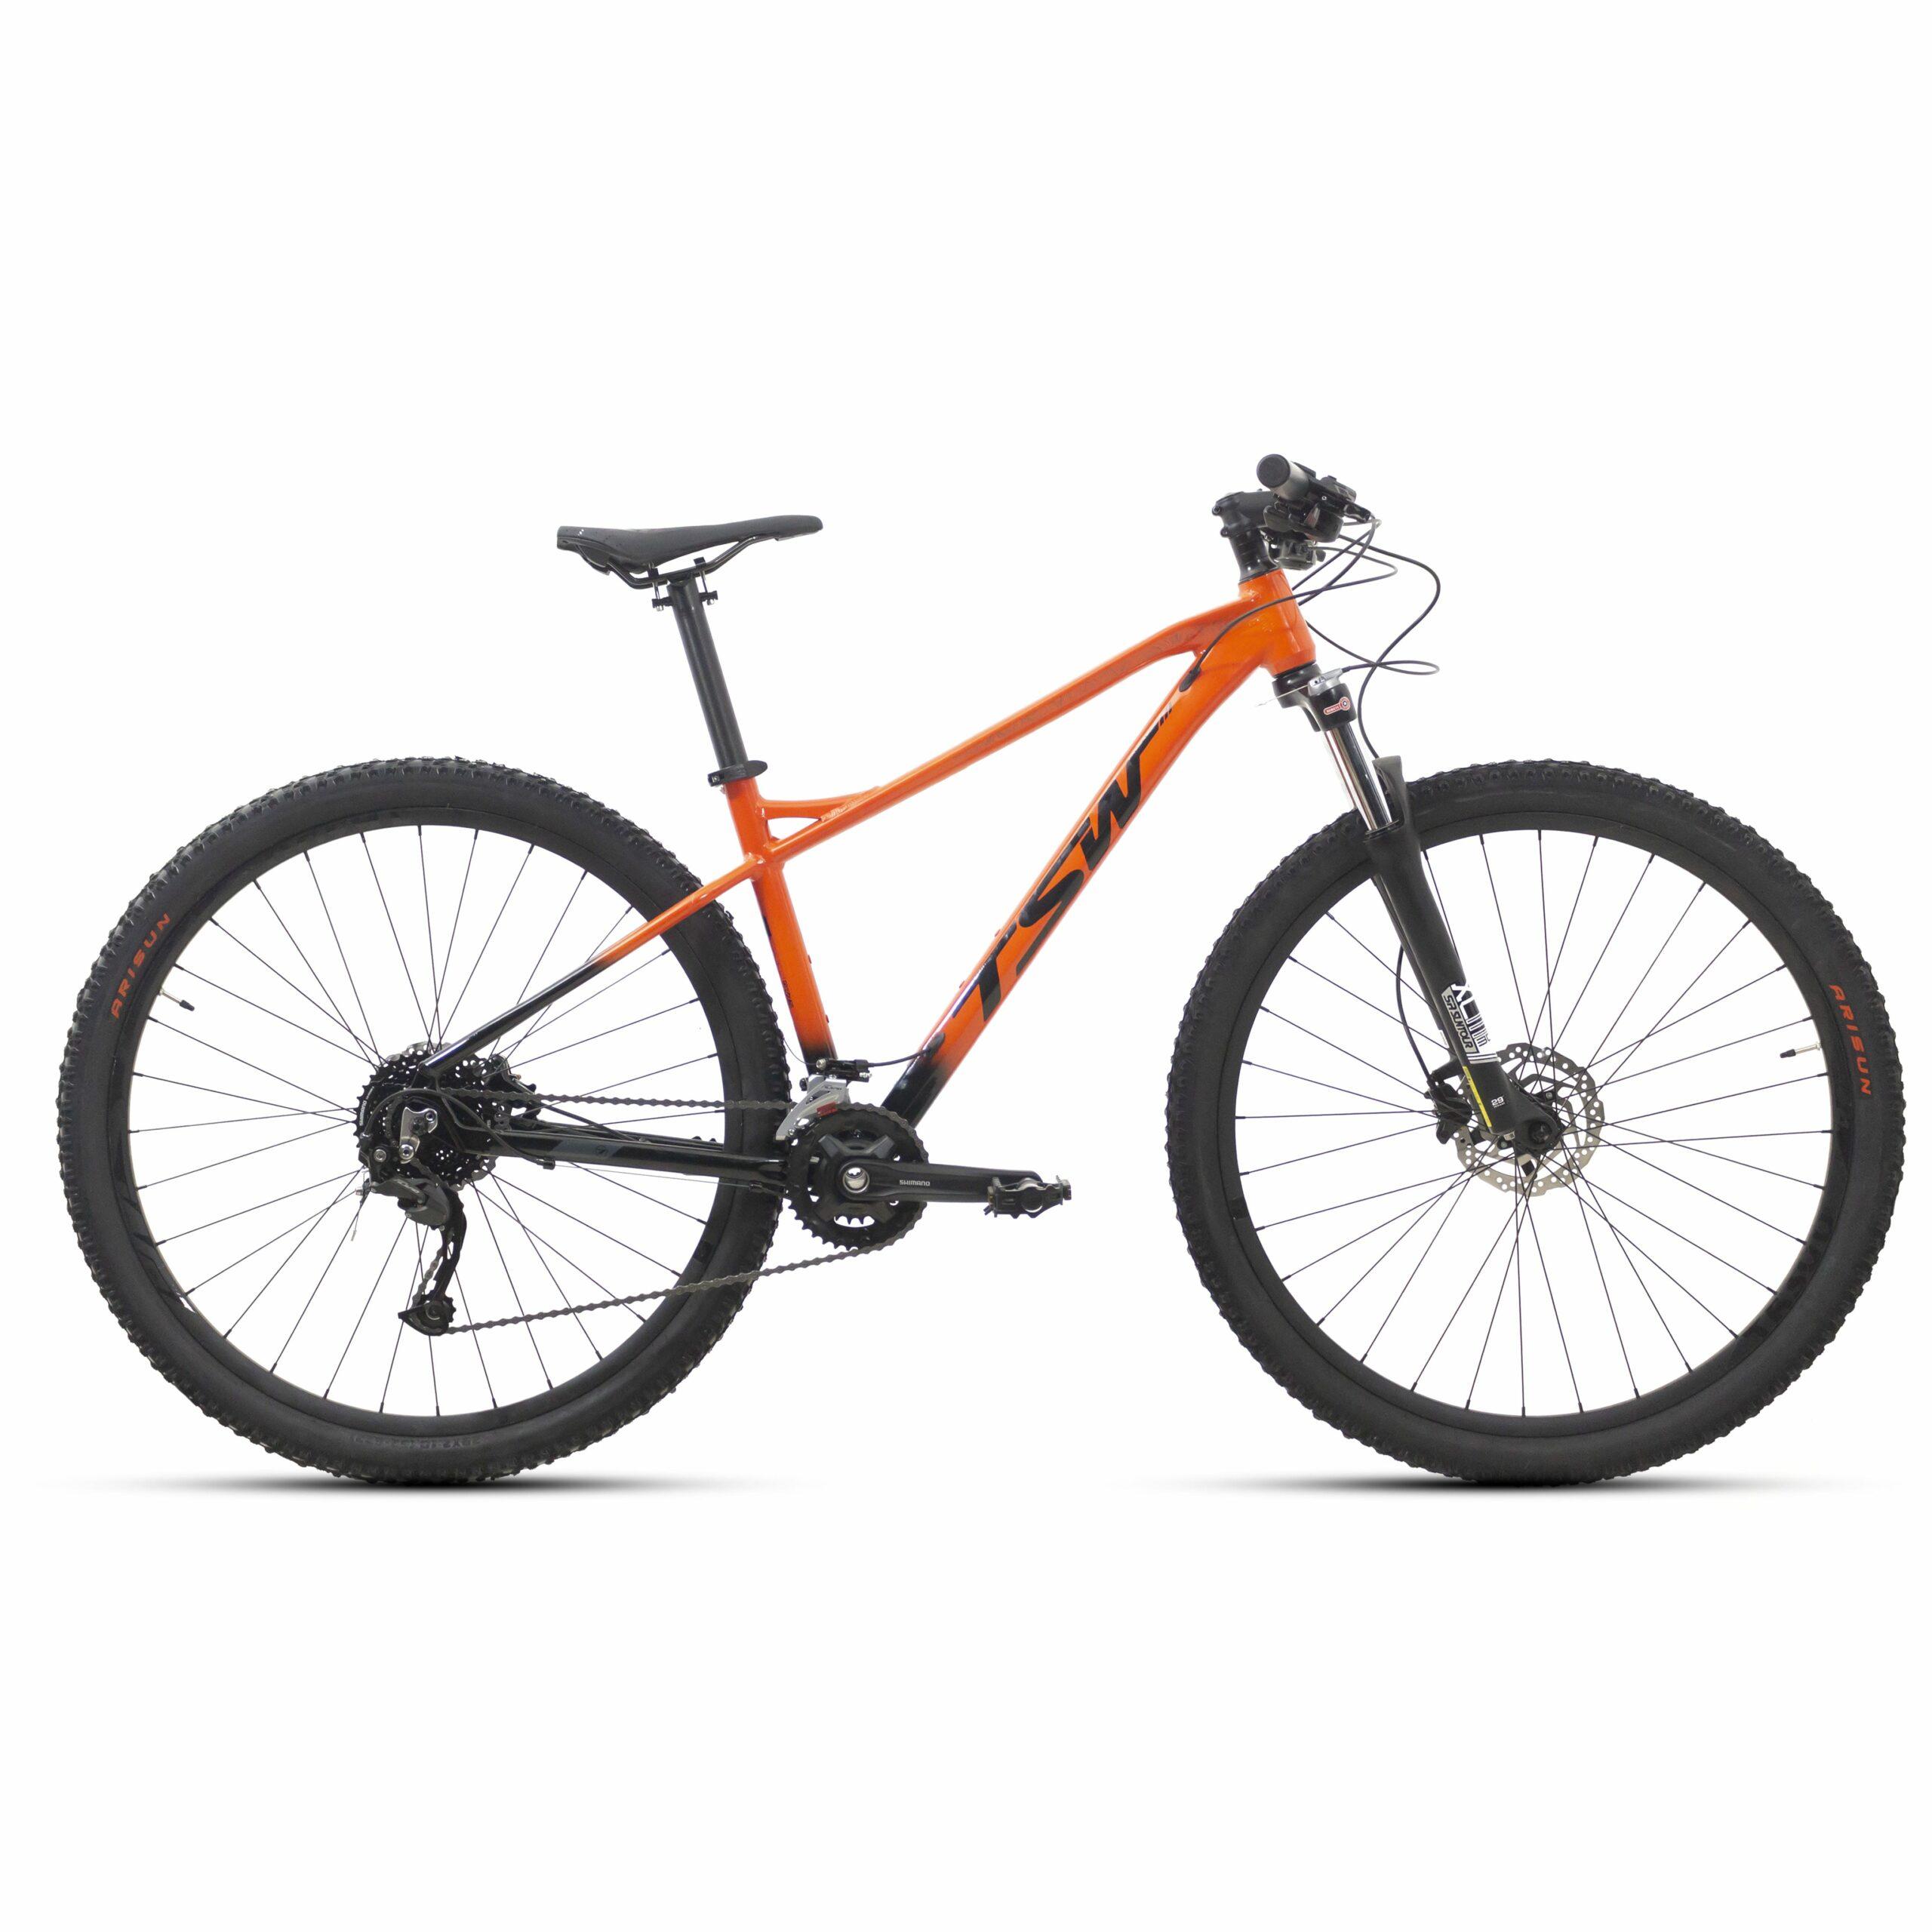 Bicicleta TSW Stamina | 2021/2022 |Linha com Freios X-TIME 4